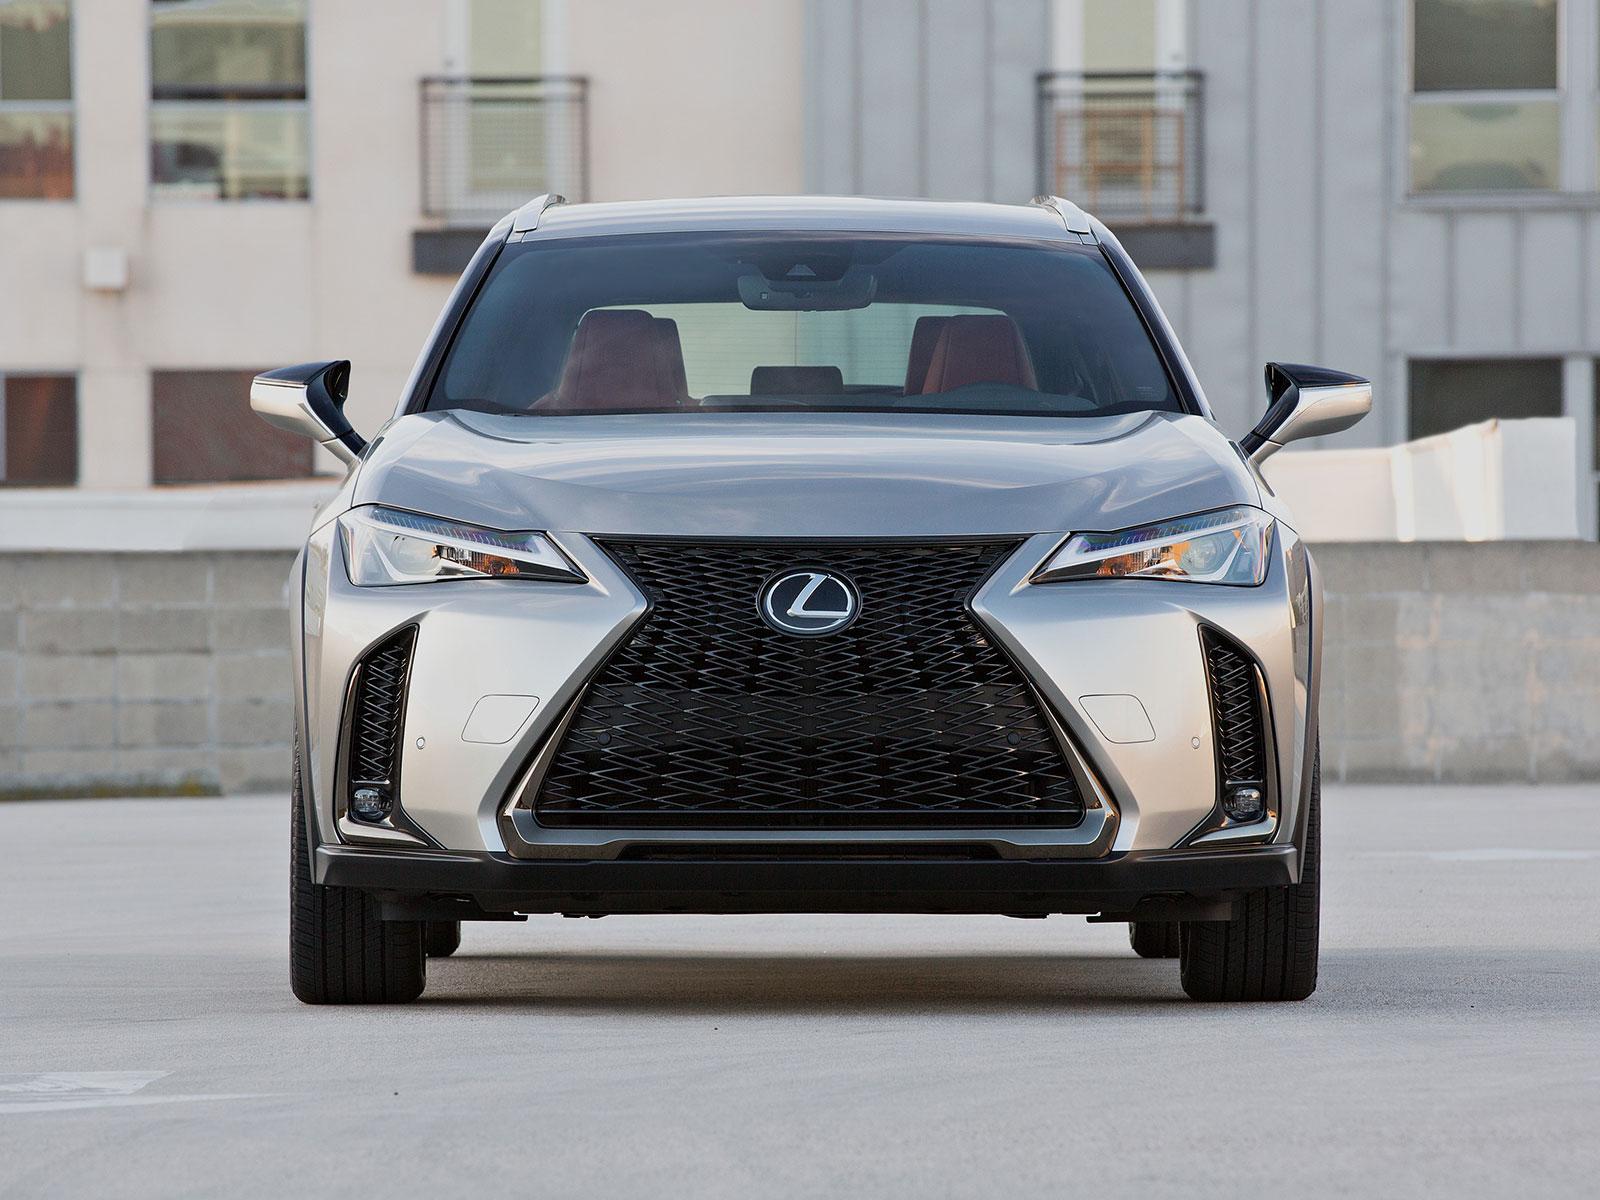 2018 Lexus UX (c) Lexus